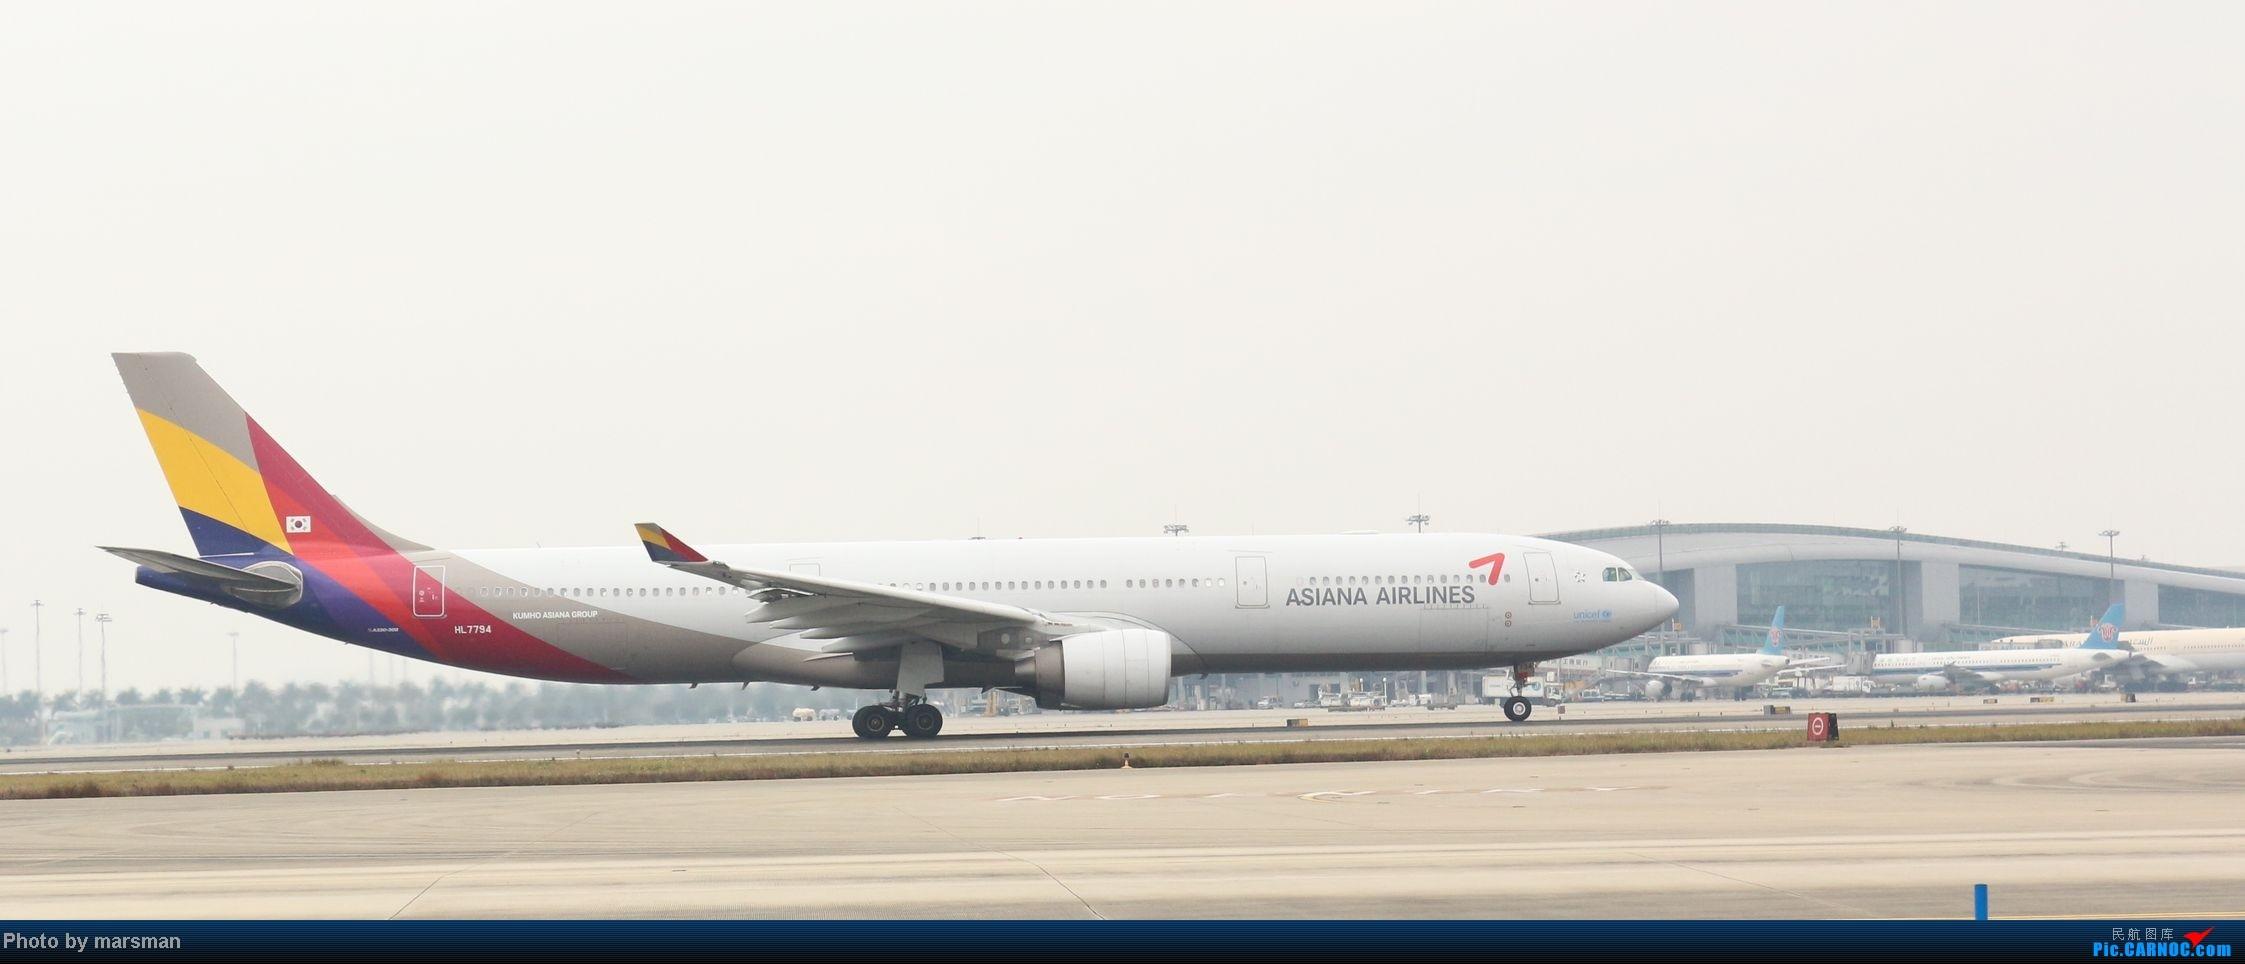 Re:[原创]广州白云机场第一次作业及新手入门简明指南 AIRBUS A330-300 HL7794 中国广州白云机场